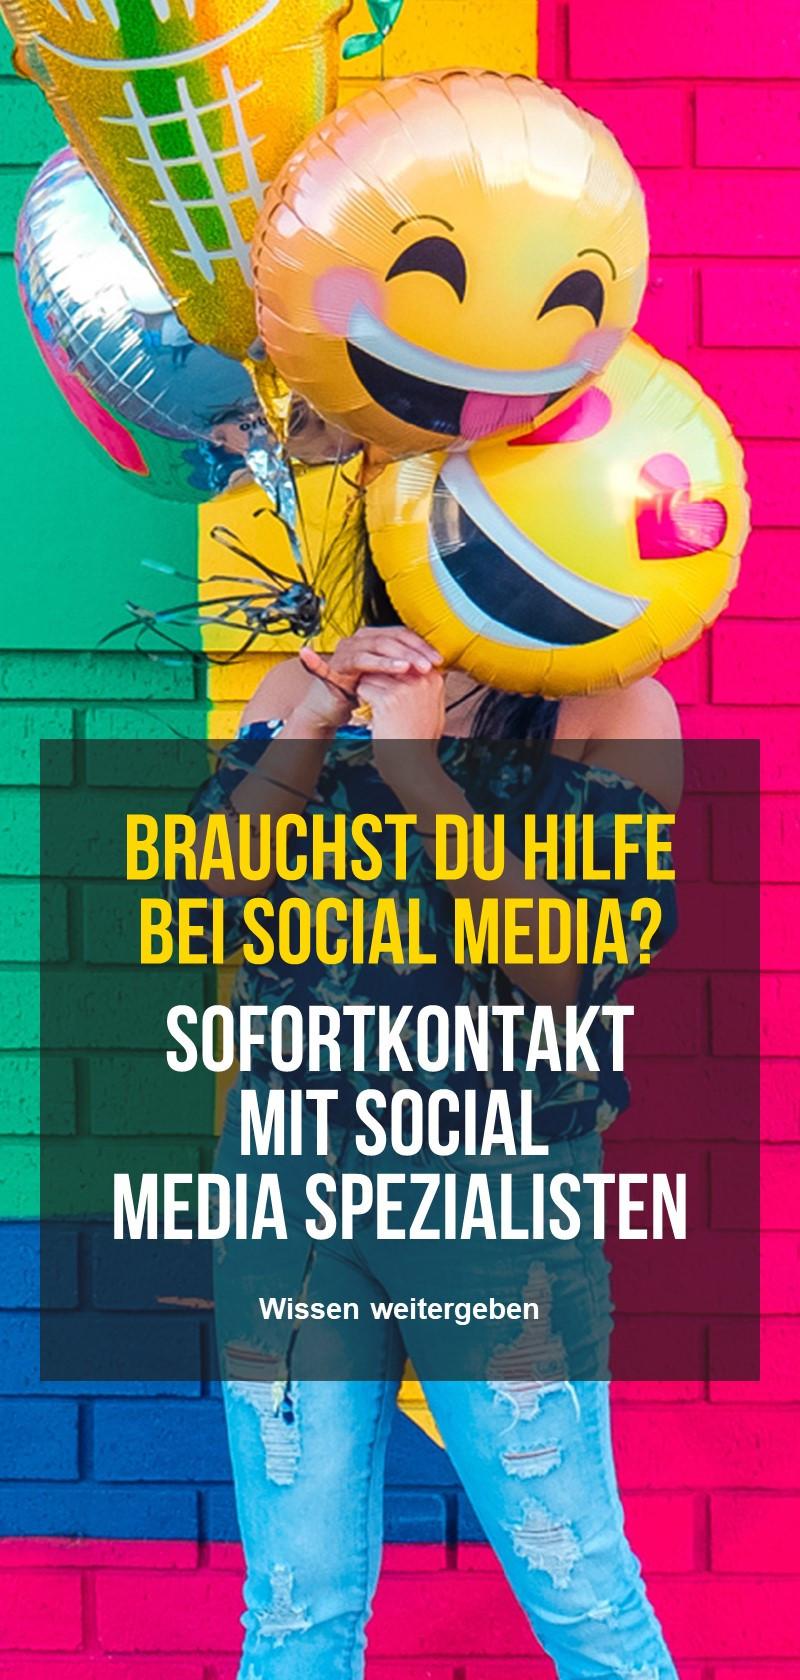 Social Media Spezialisten